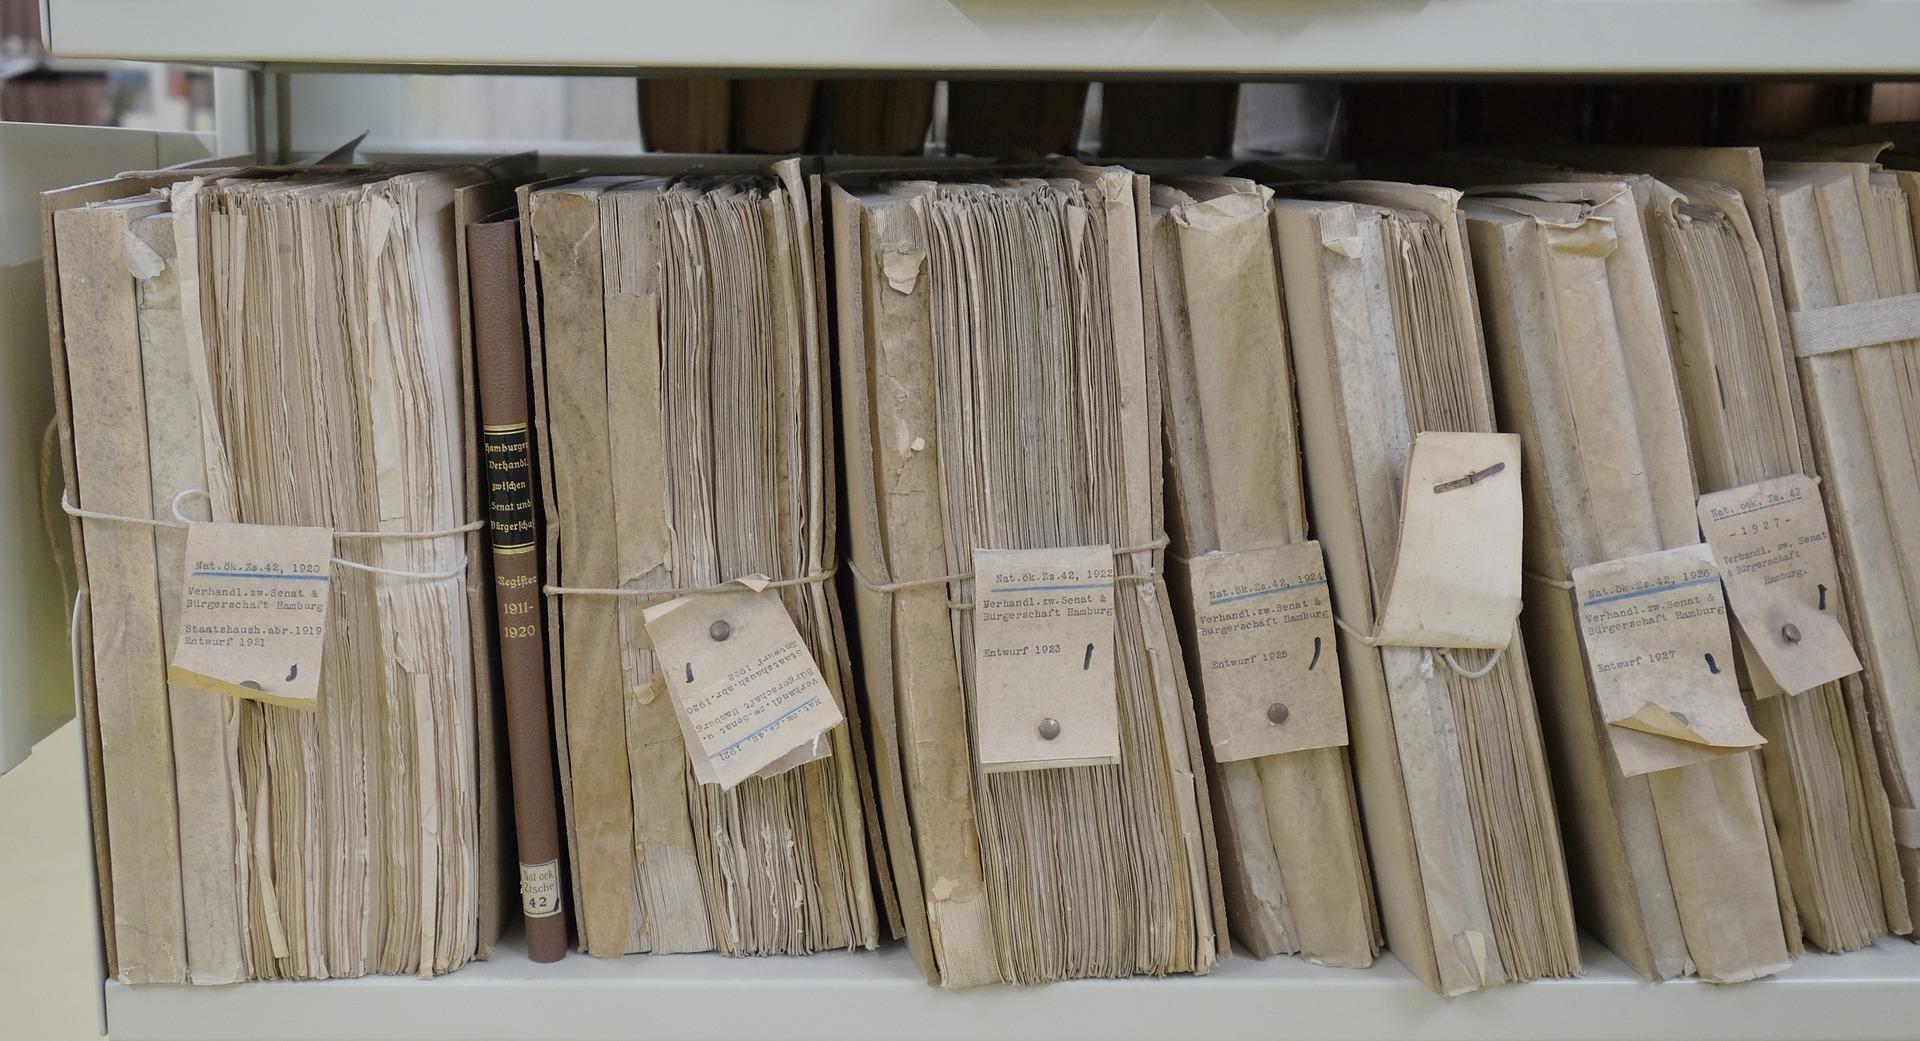 Az ausztrál kormány leselejtezett két iratszekrényt, de elfelejtették, hogy azok tele vannak államtitkokkal